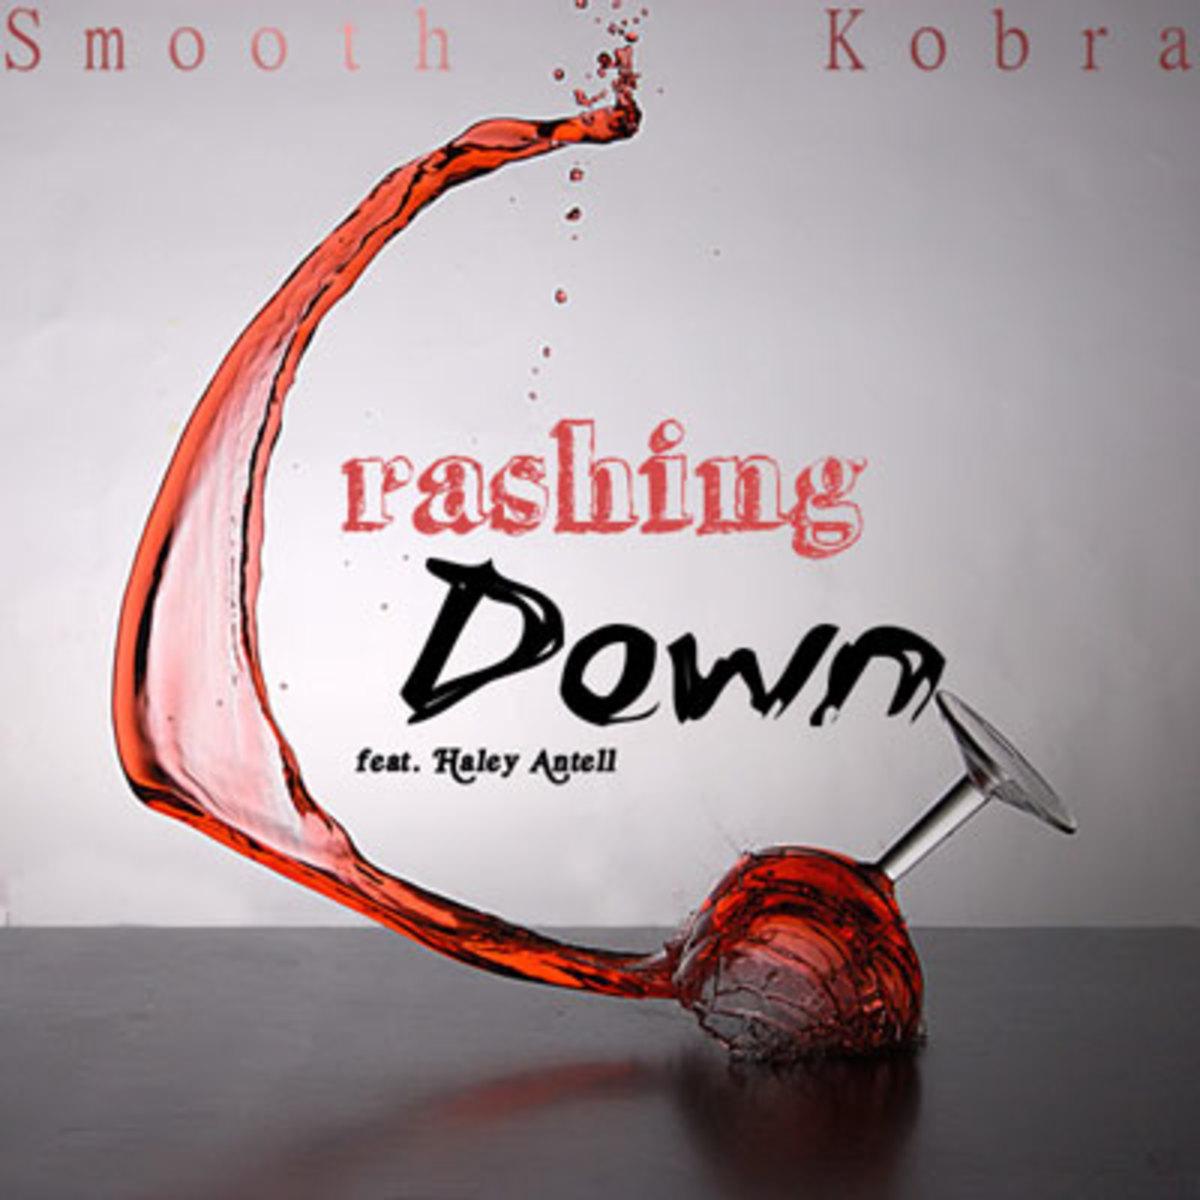 smoothkobra-crashingdown.jpg